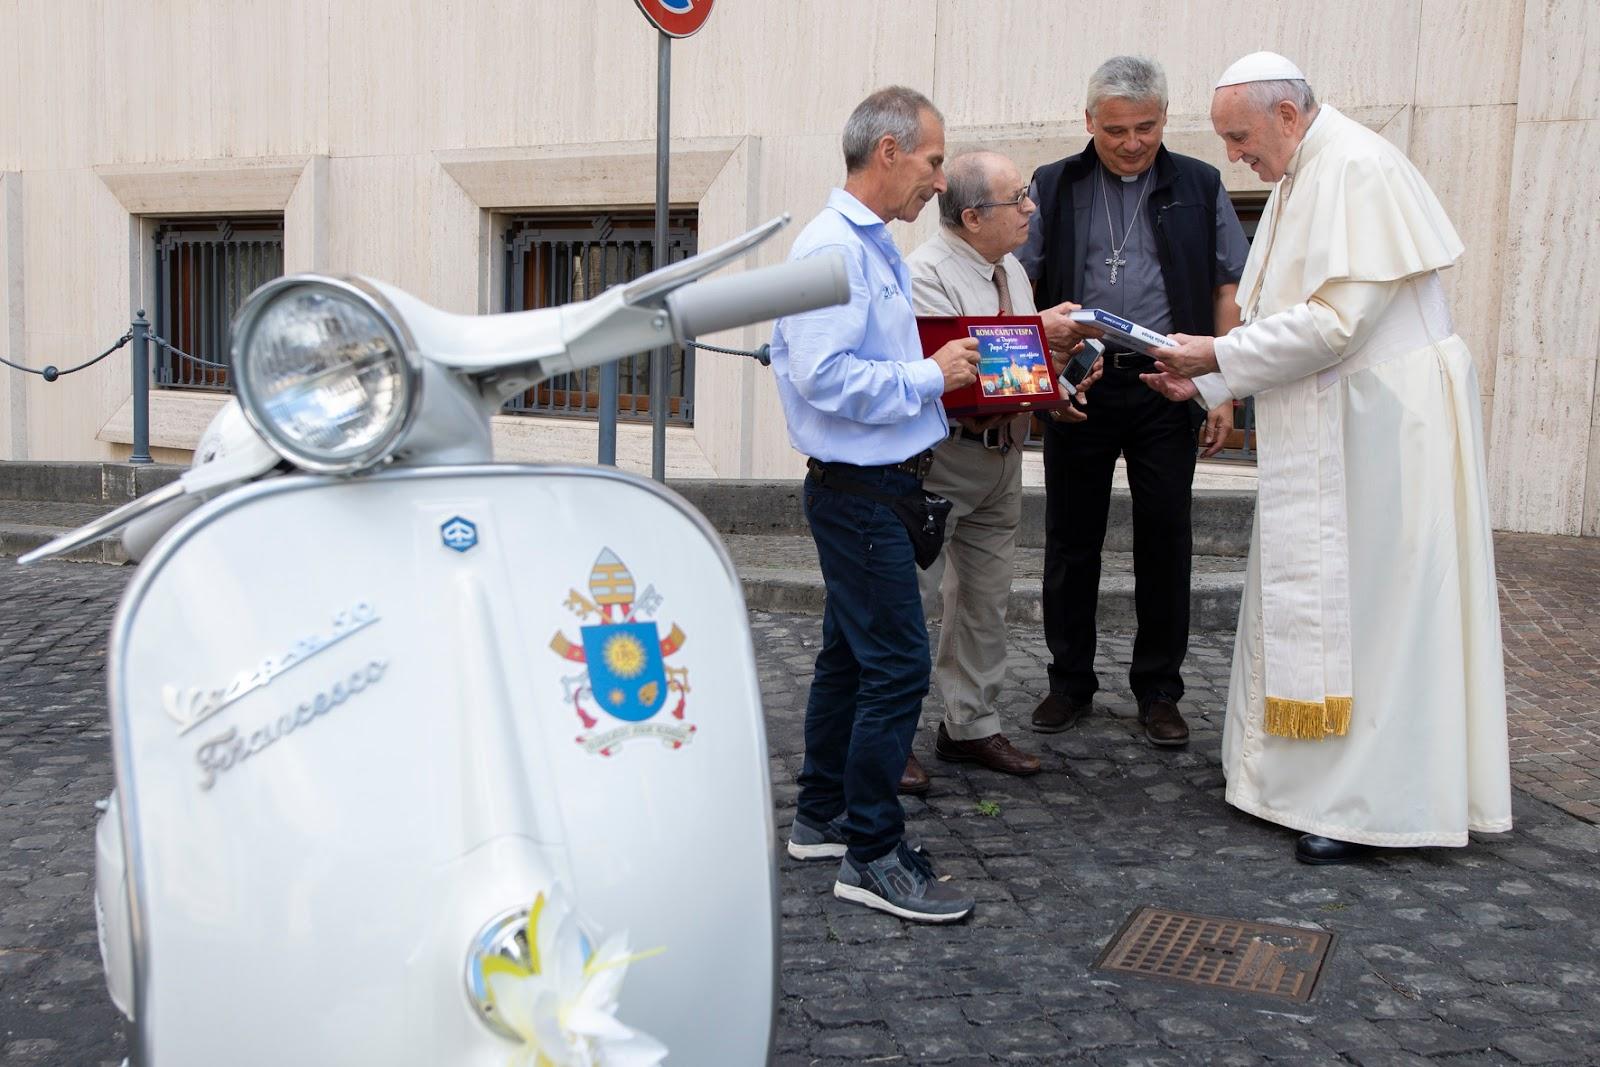 Đức Thánh Cha được tặng một chiếc Vespa (để làm bác ái)